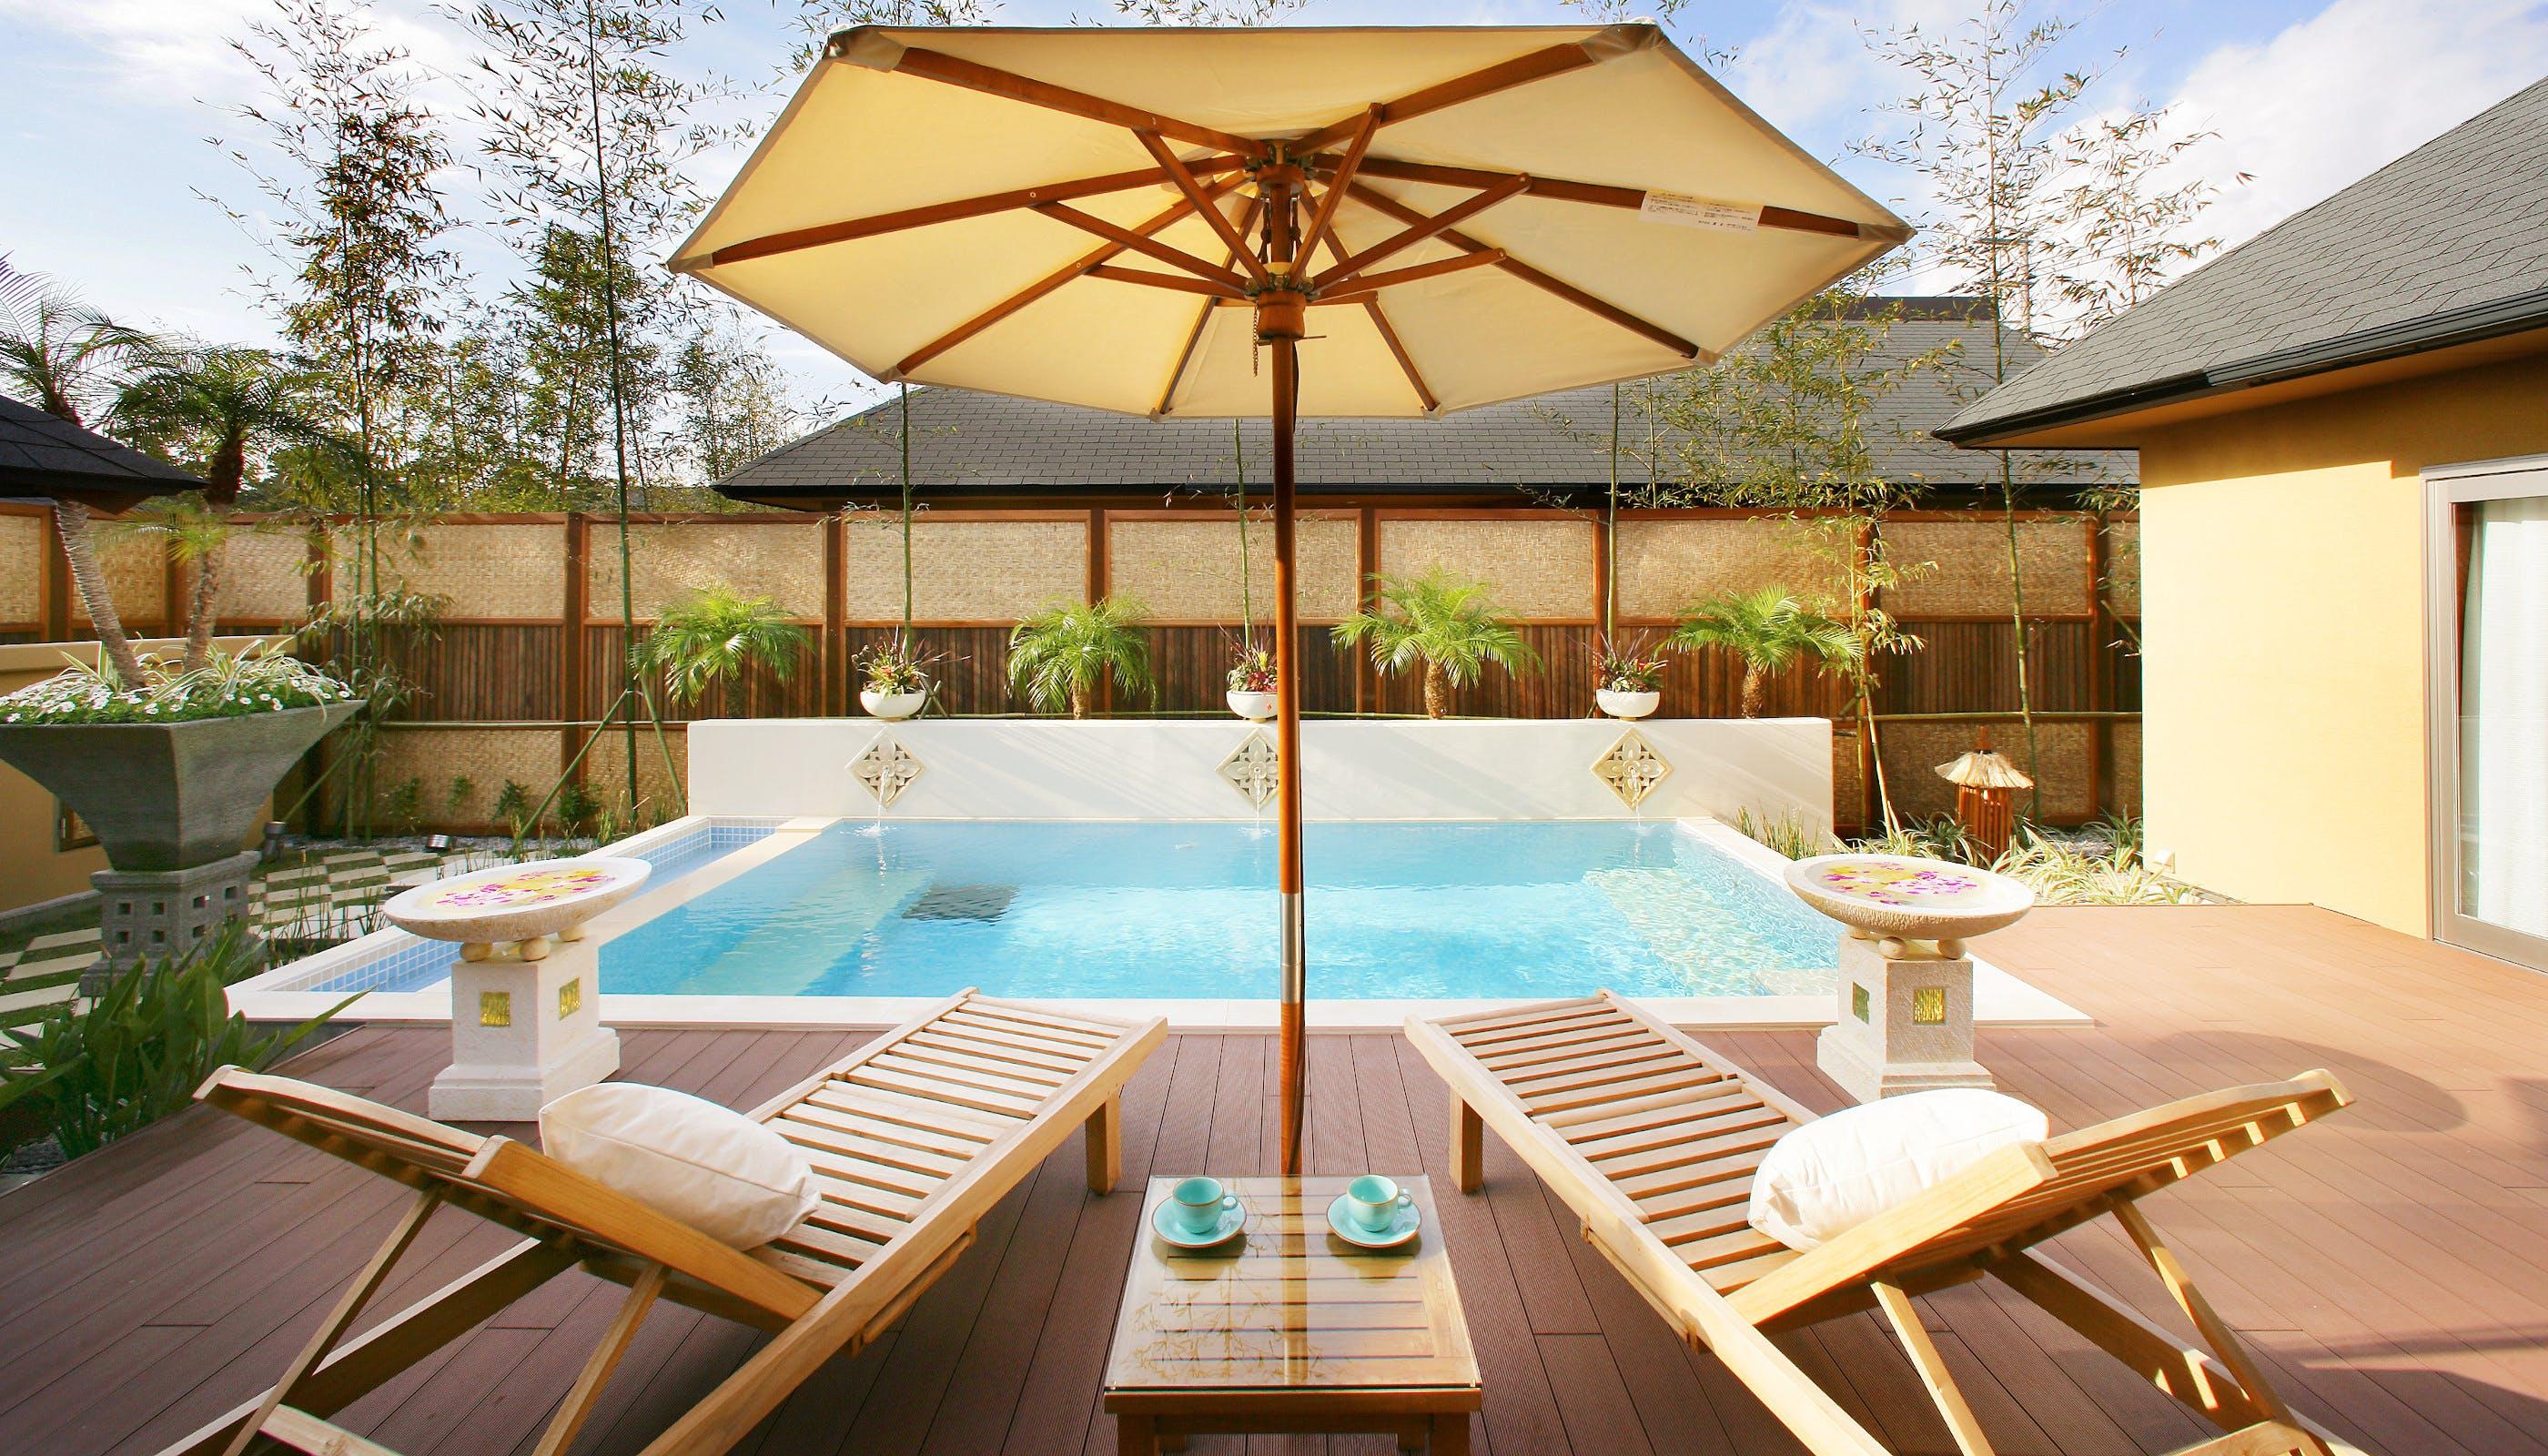 東京から約2時間、カップルにおすすめのプライベートプールがある宿6選